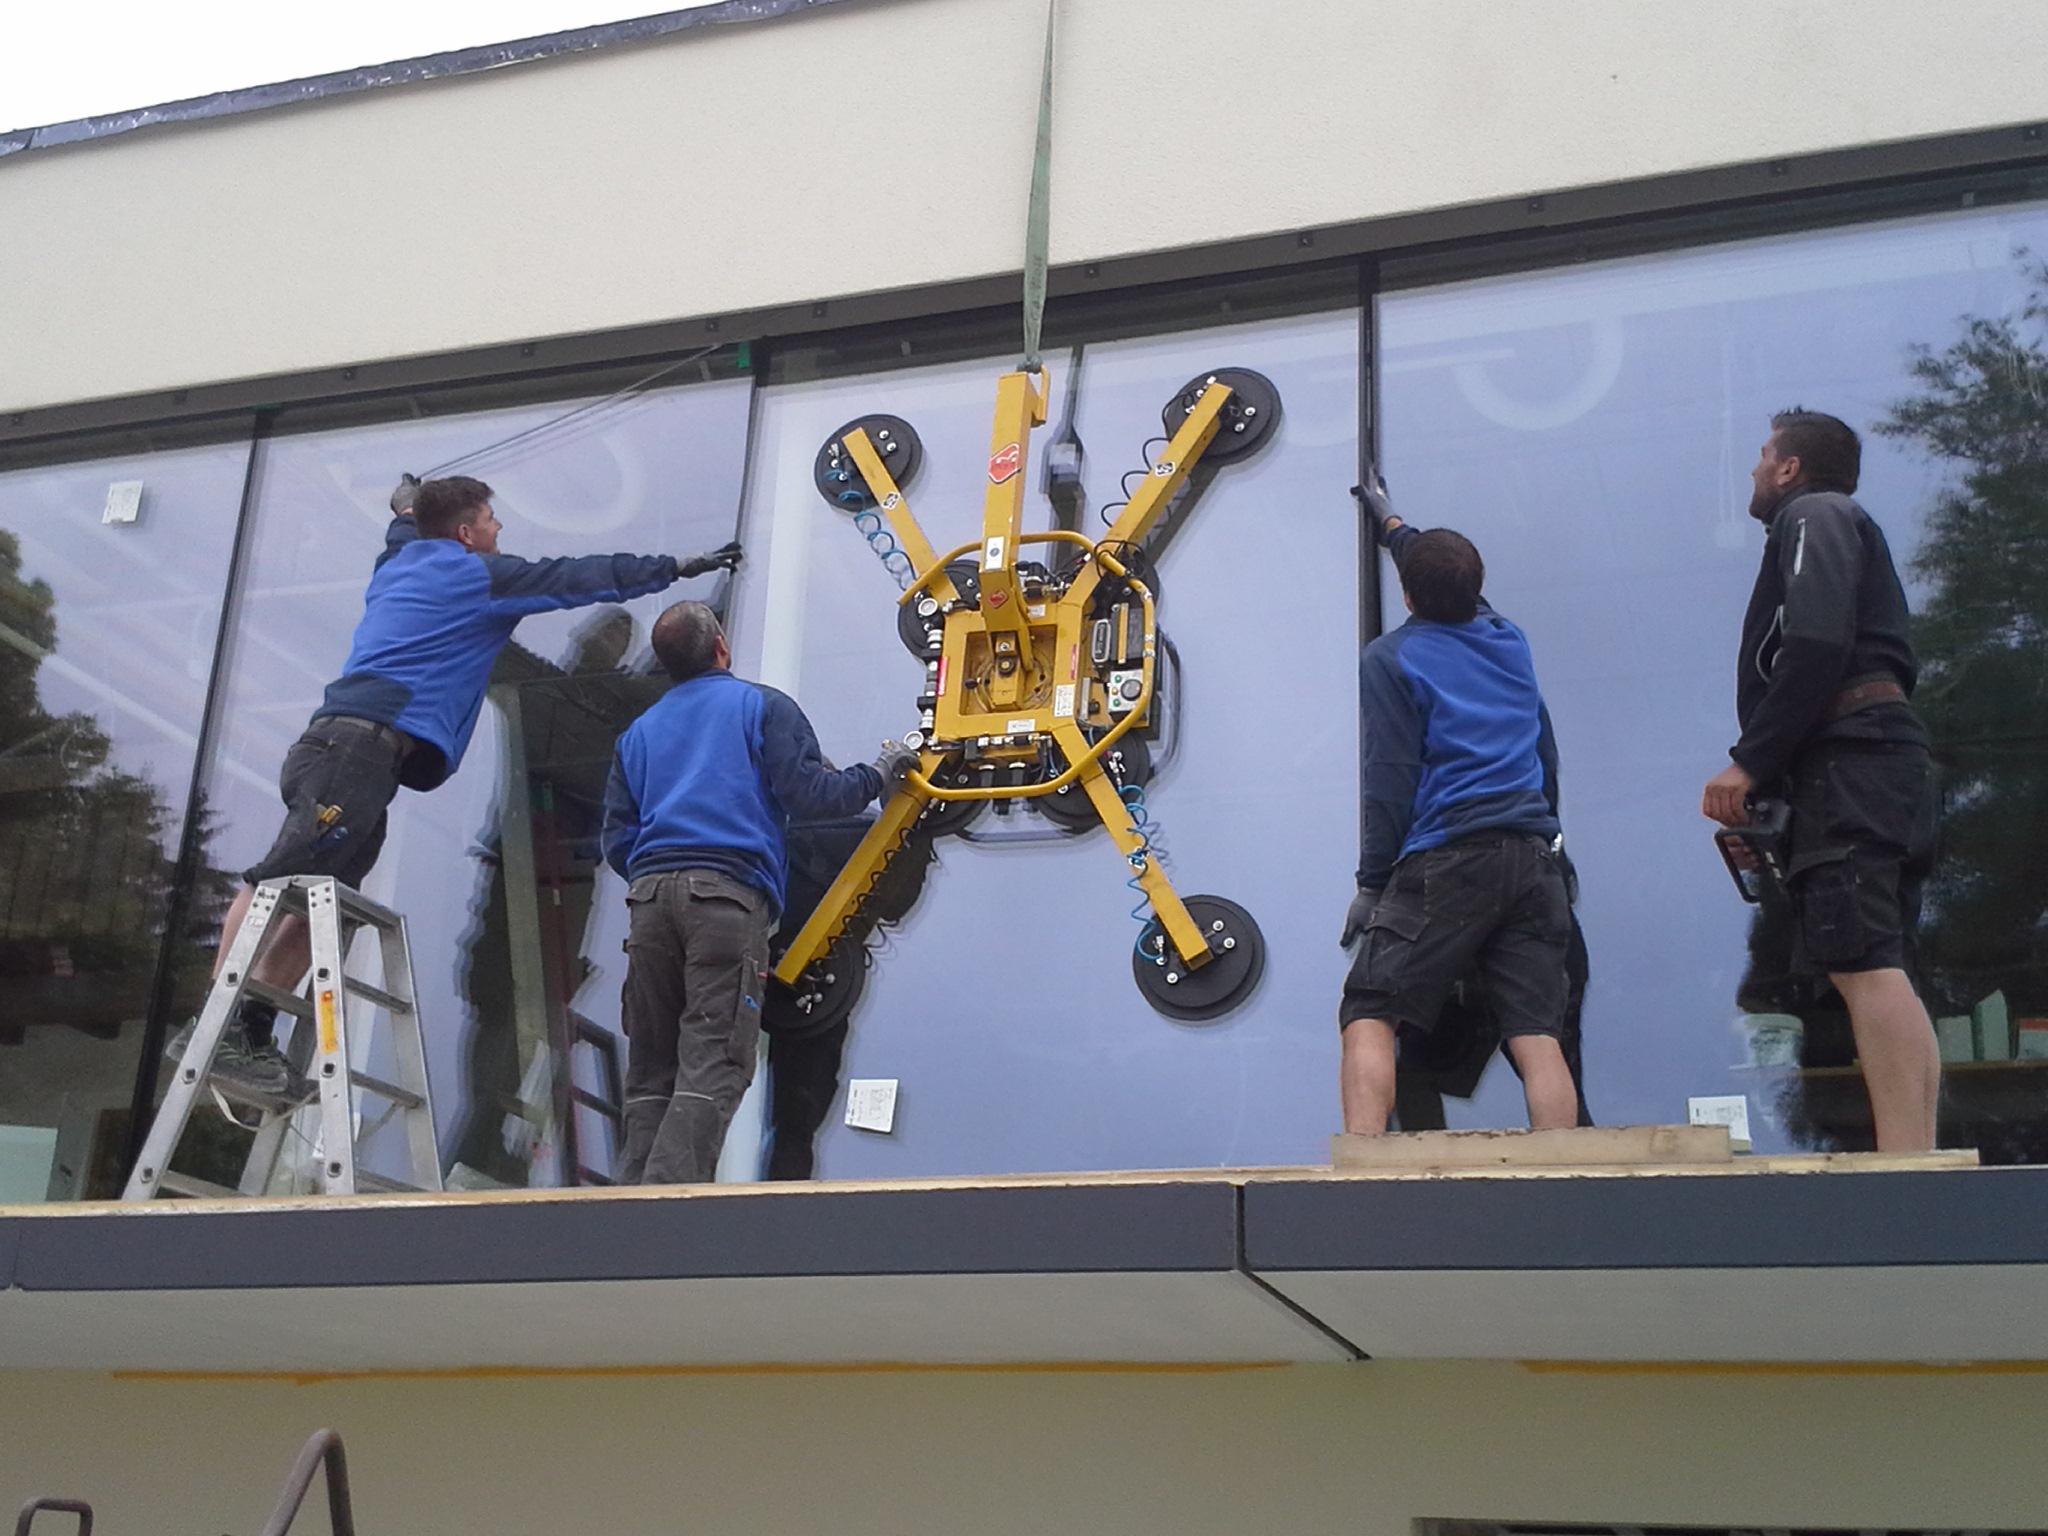 Bauphase, Fenstereinbau, Anbau an Beherbergungsbetrieb in Scheidegg